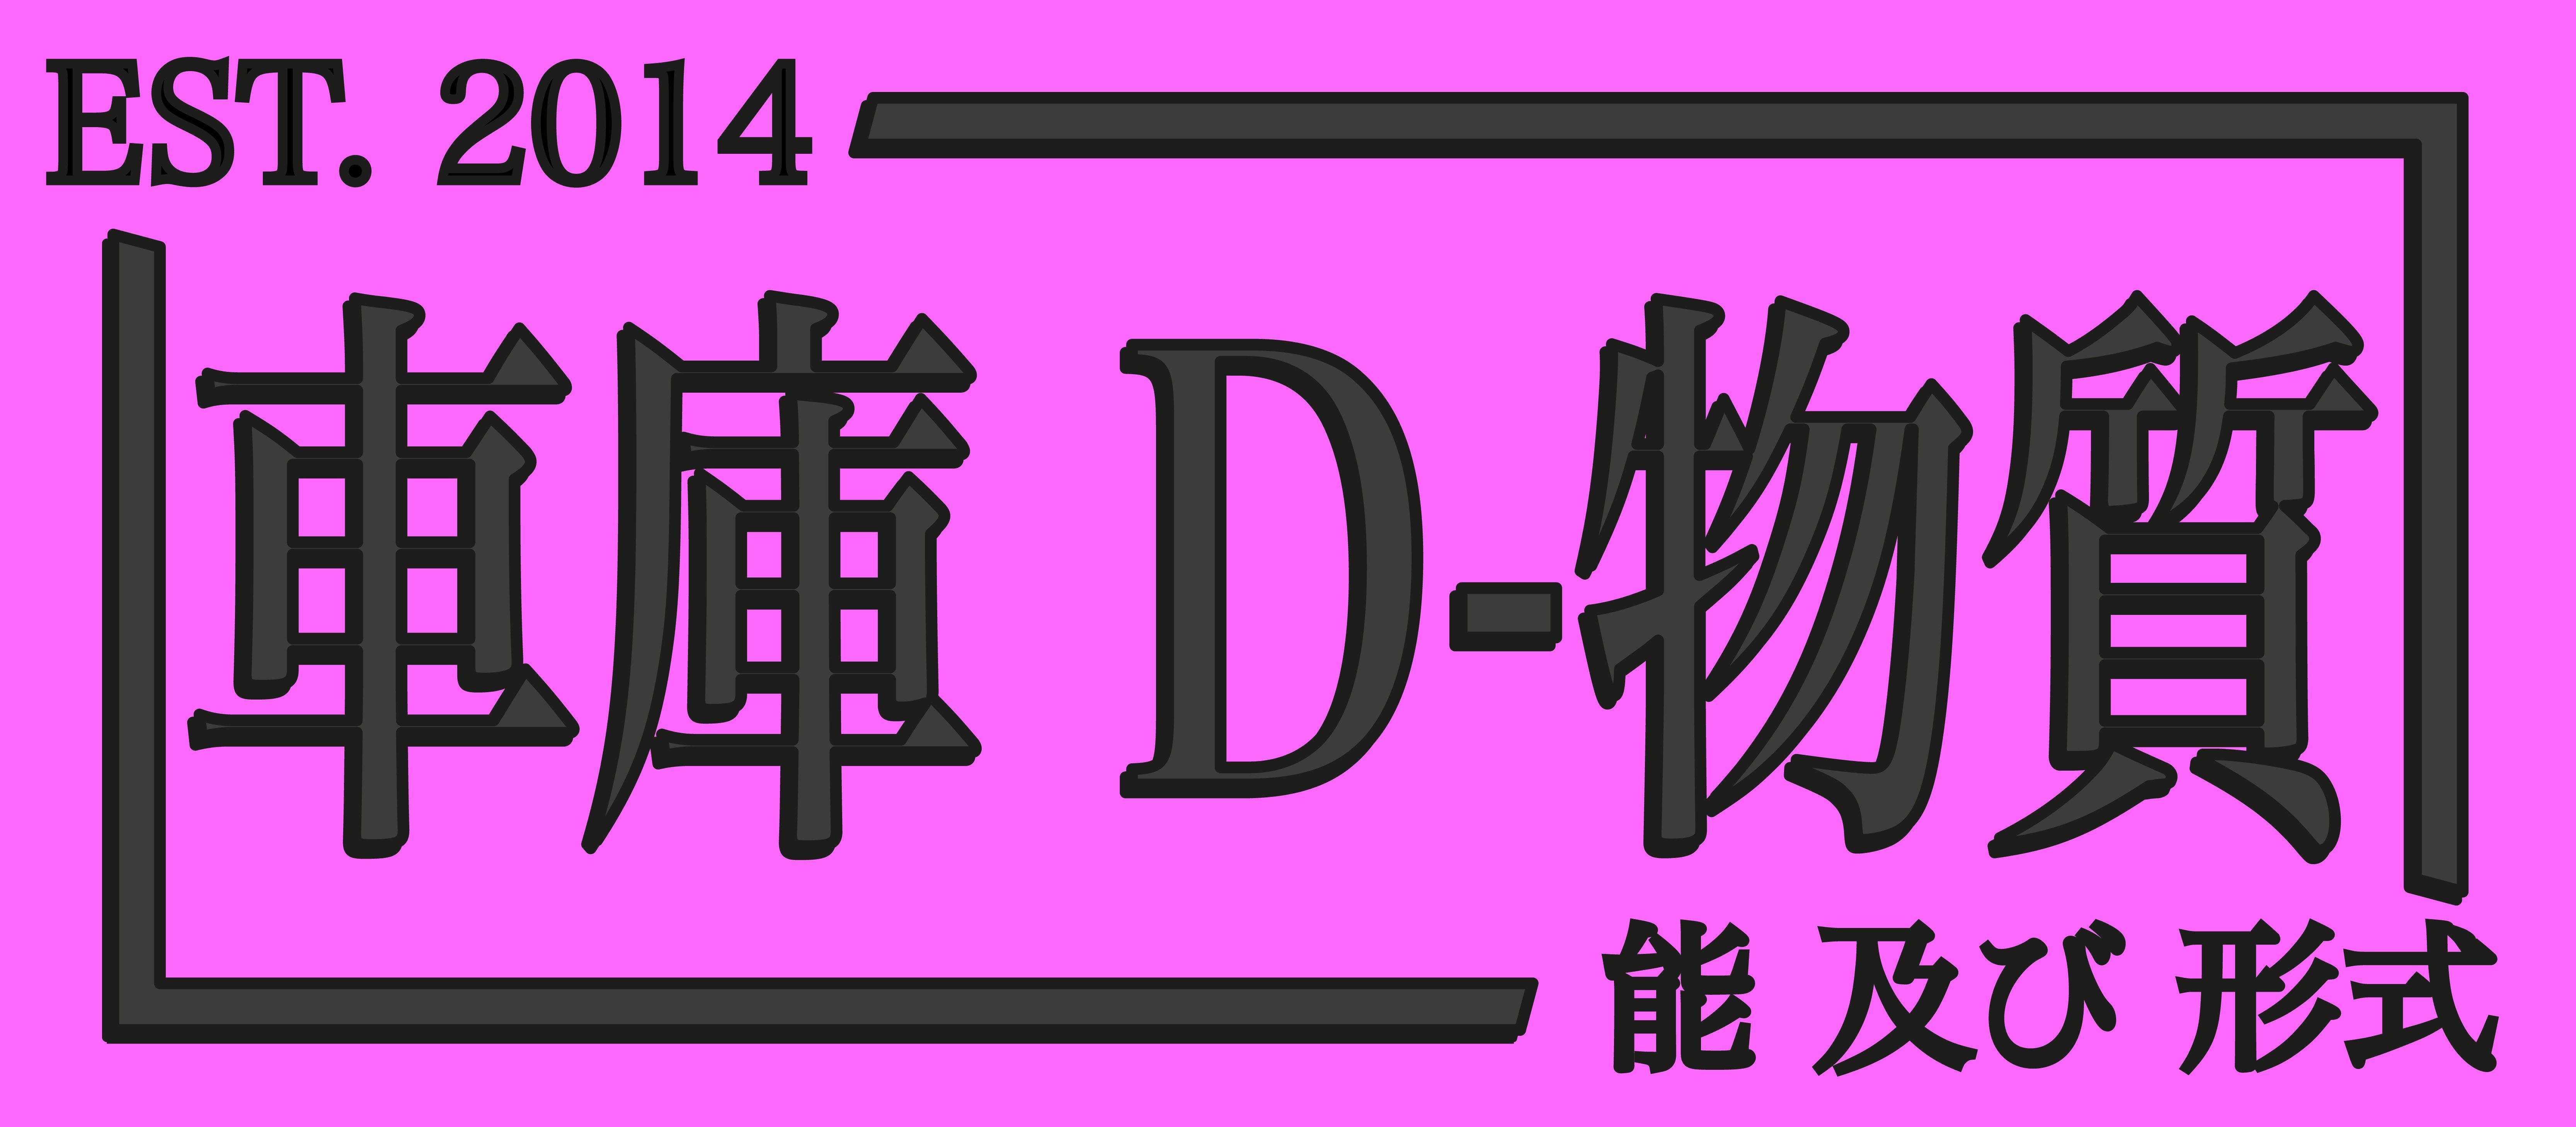 goo0d Garage D-Material.jpg